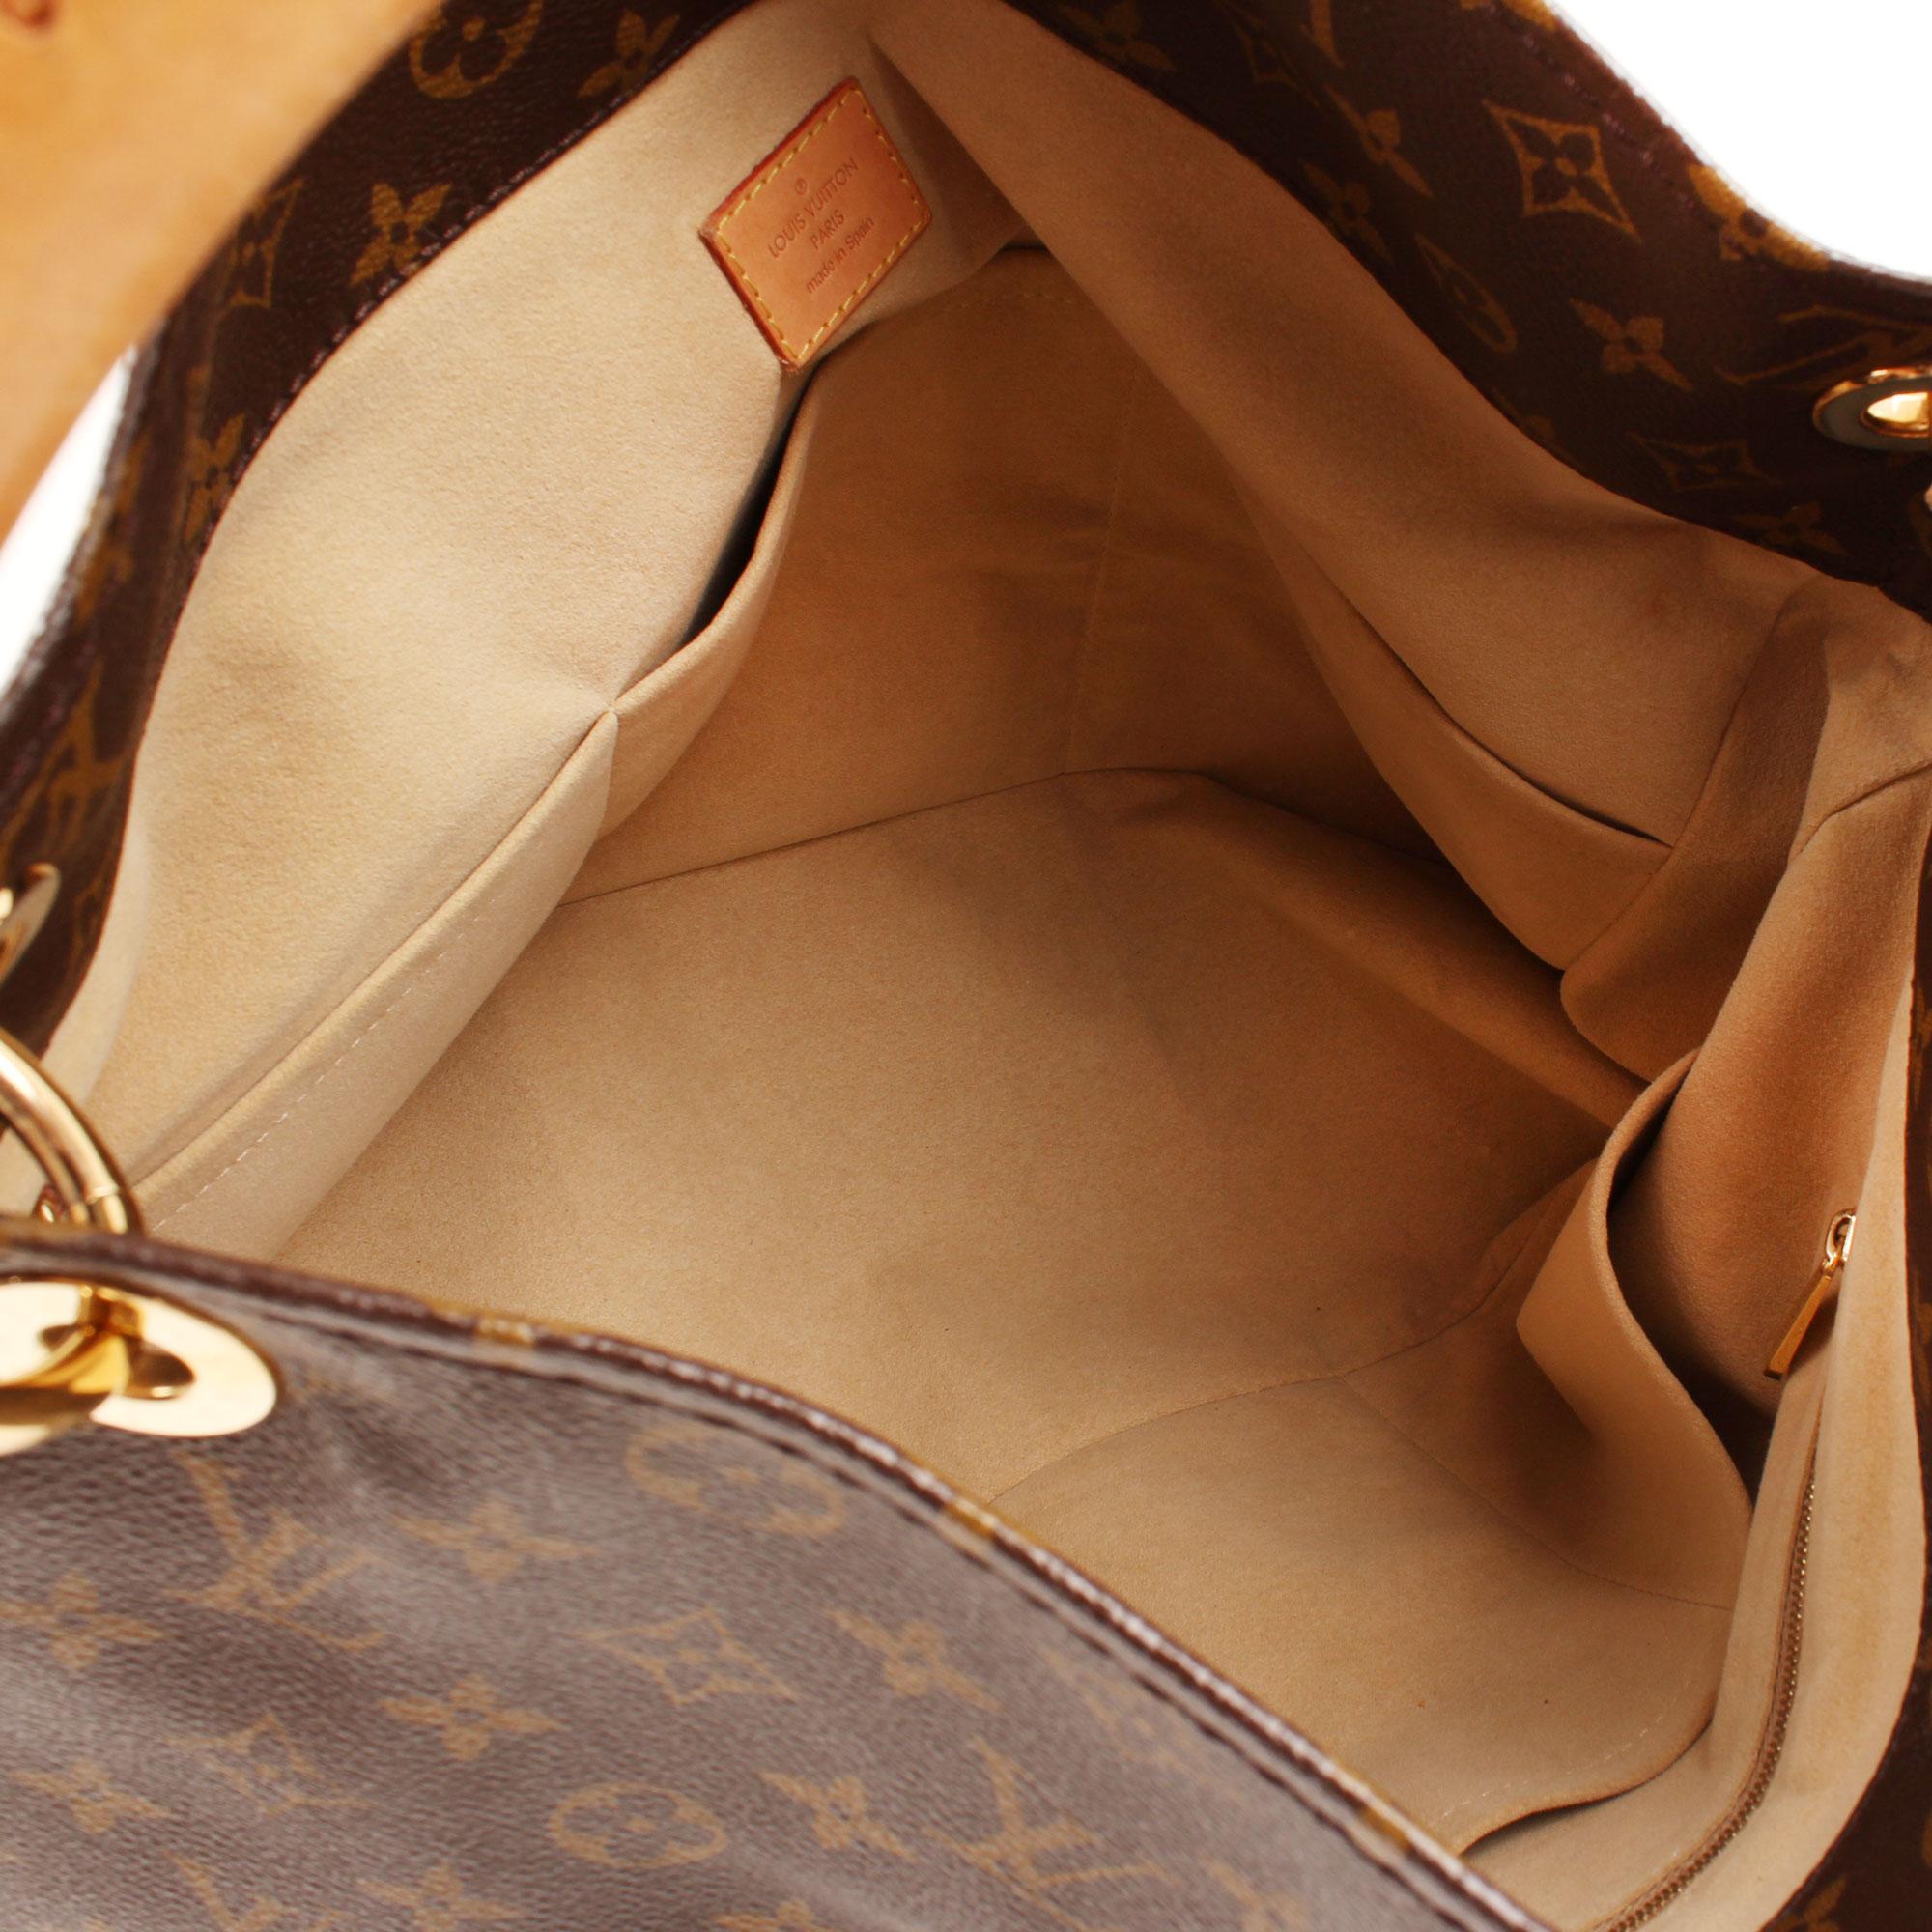 Imagen del interior del bolso louis vuitton artsy monogram mm